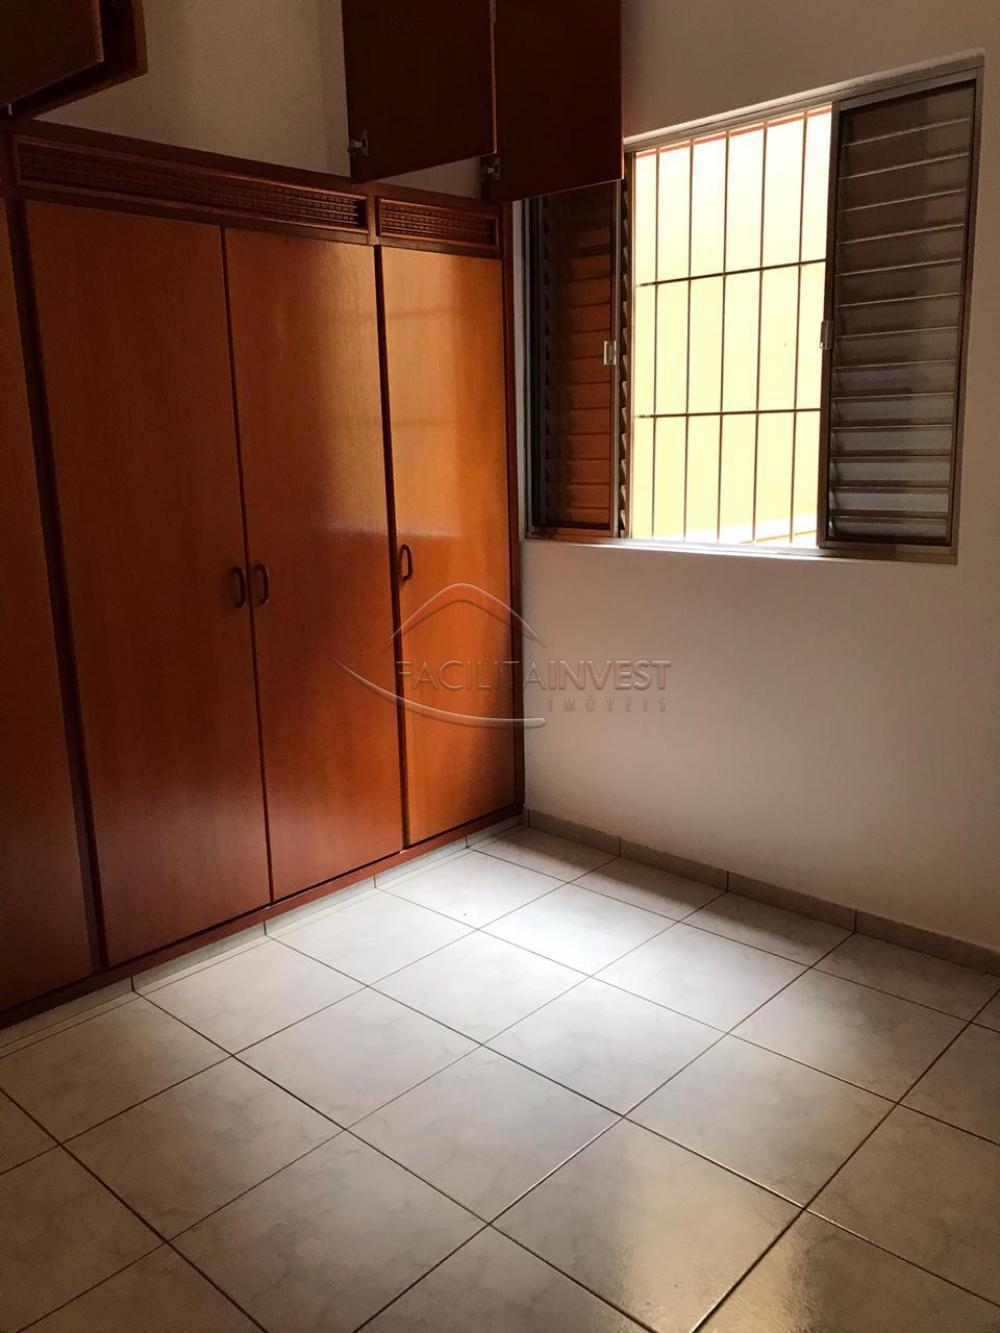 Alugar Apartamentos / Apart. Padrão em Ribeirão Preto apenas R$ 1.250,00 - Foto 6